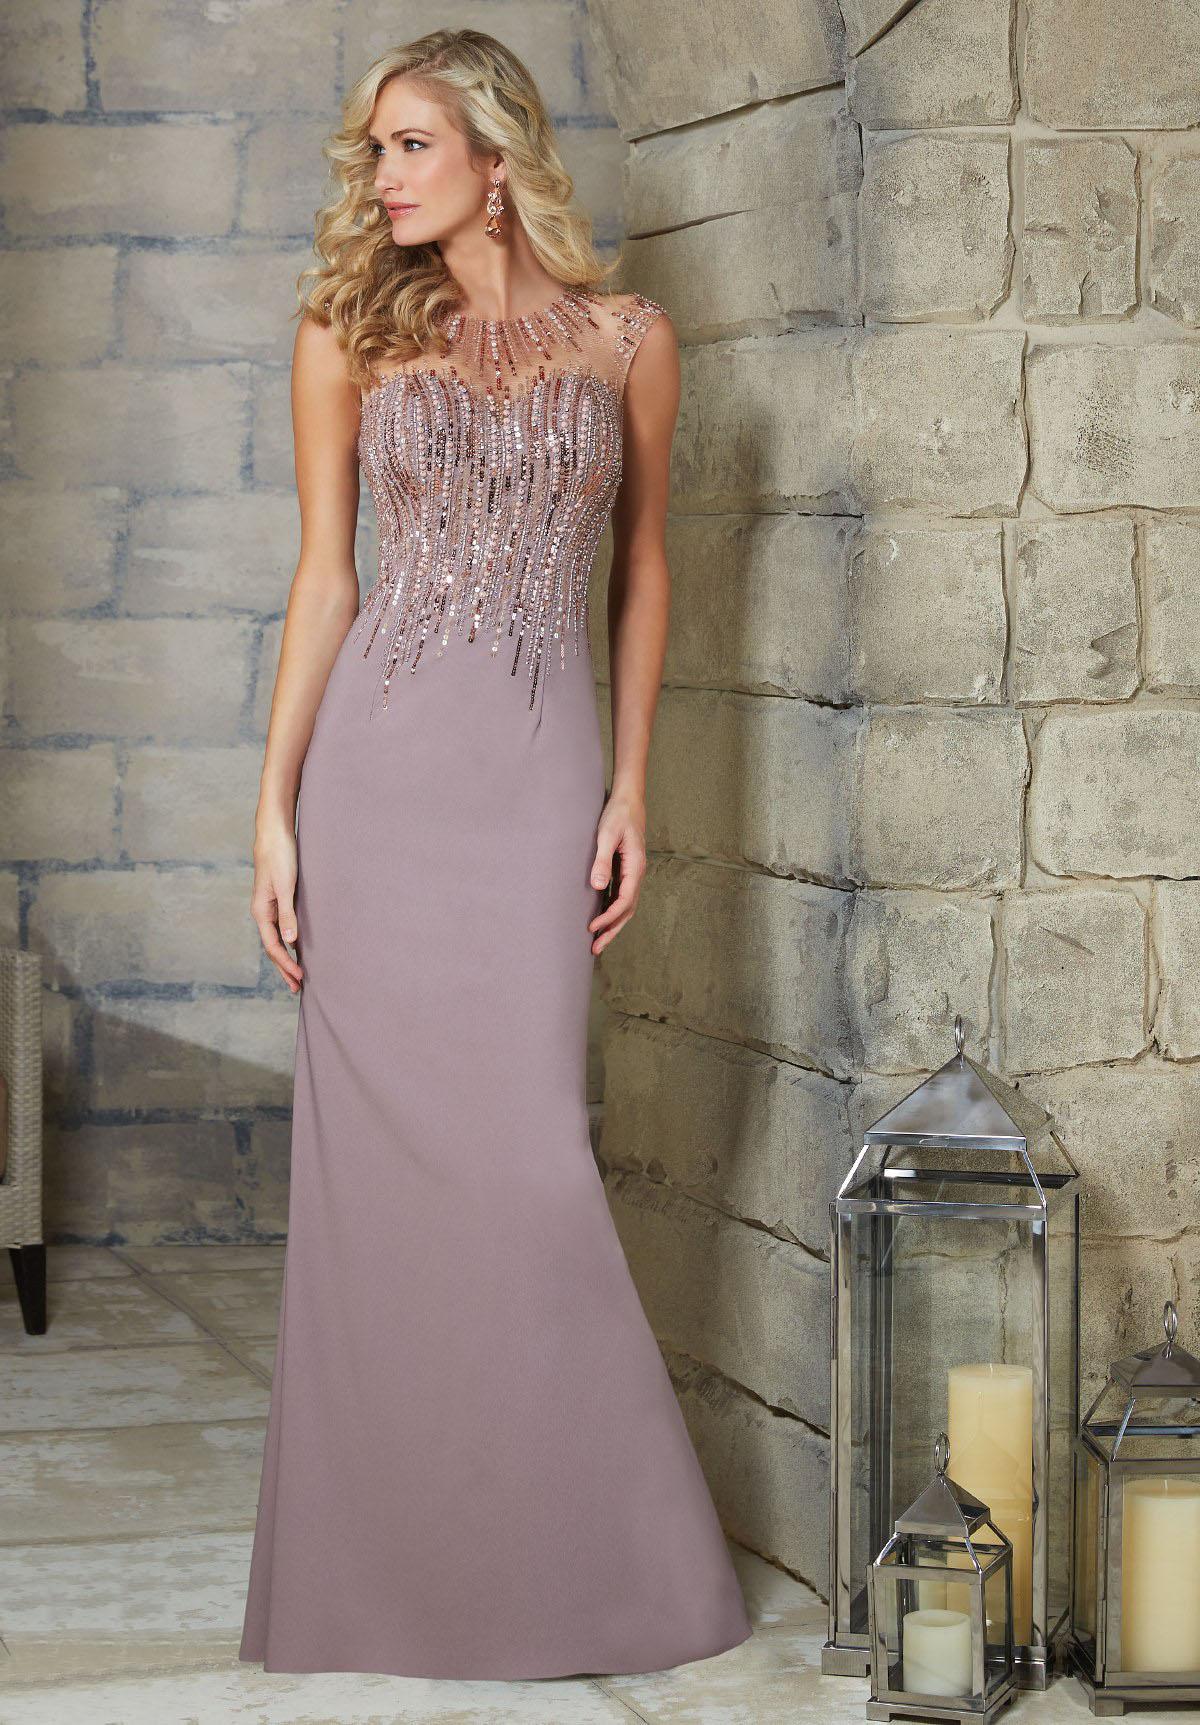 Вечерние платья для женщин 40 лет